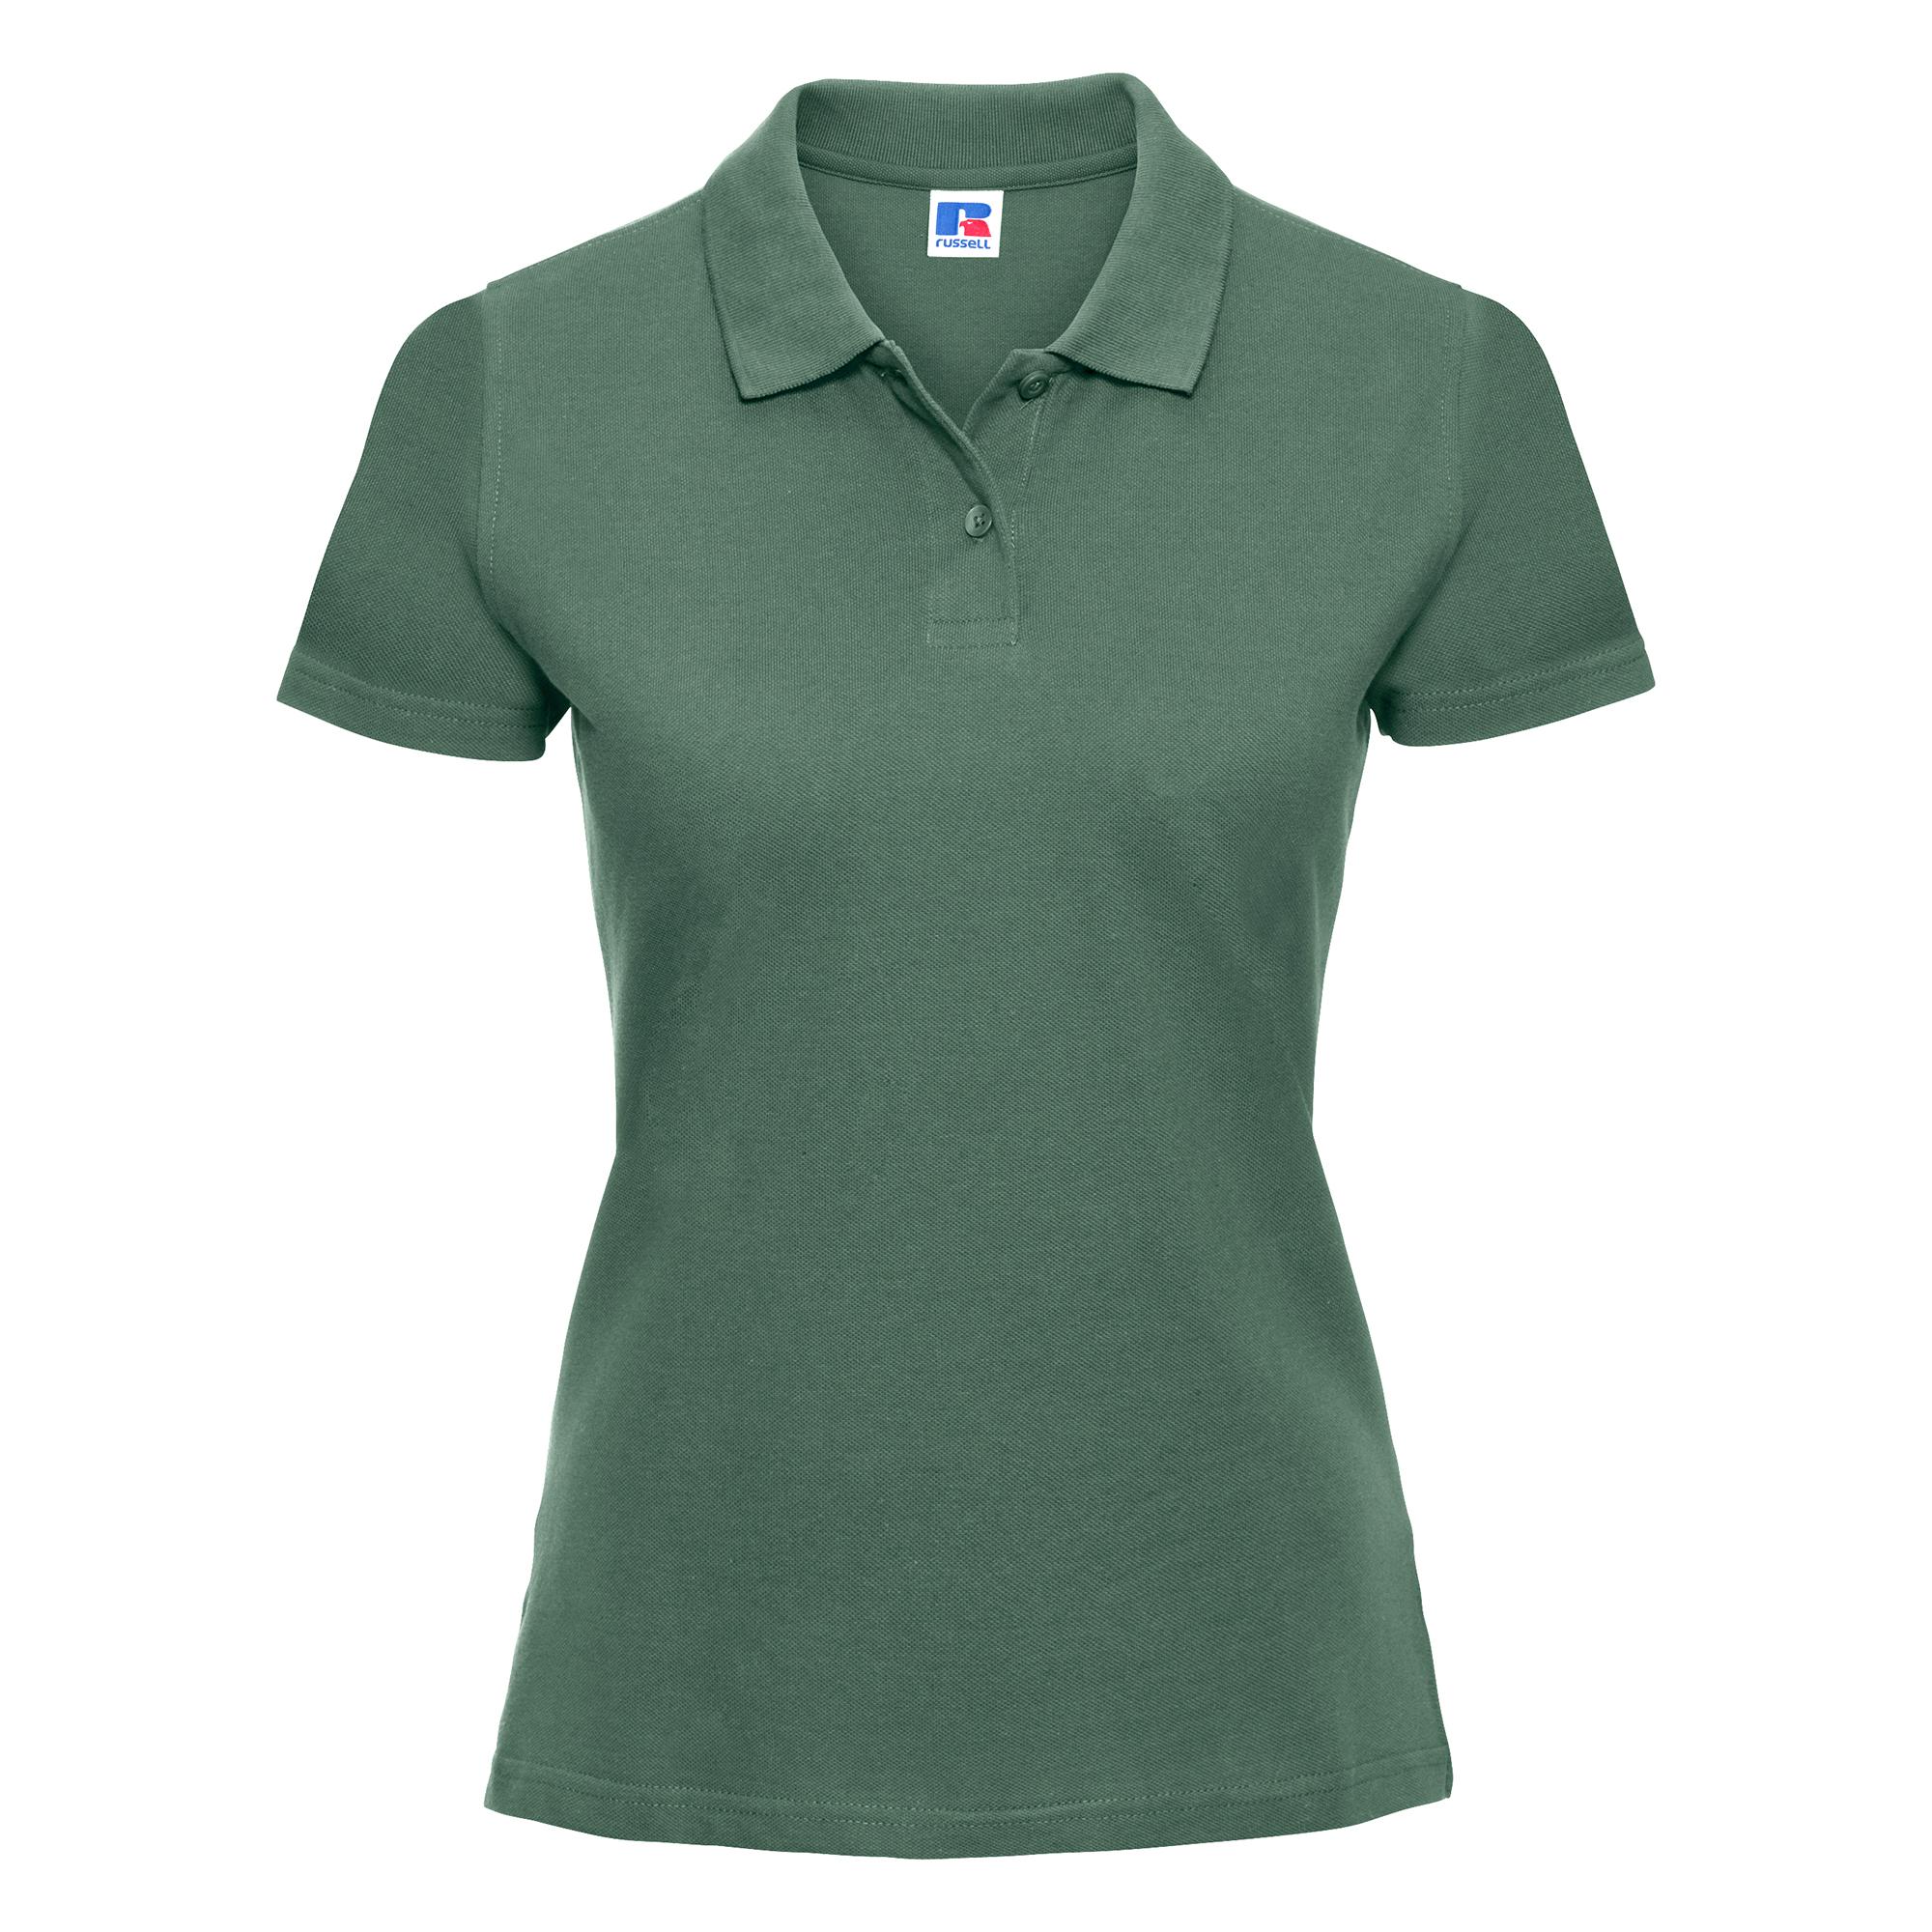 miniature 5 - Polo-uni-Russell-manches-courtes-100-coton-femme-et-fille-XS-2XL-RW3279